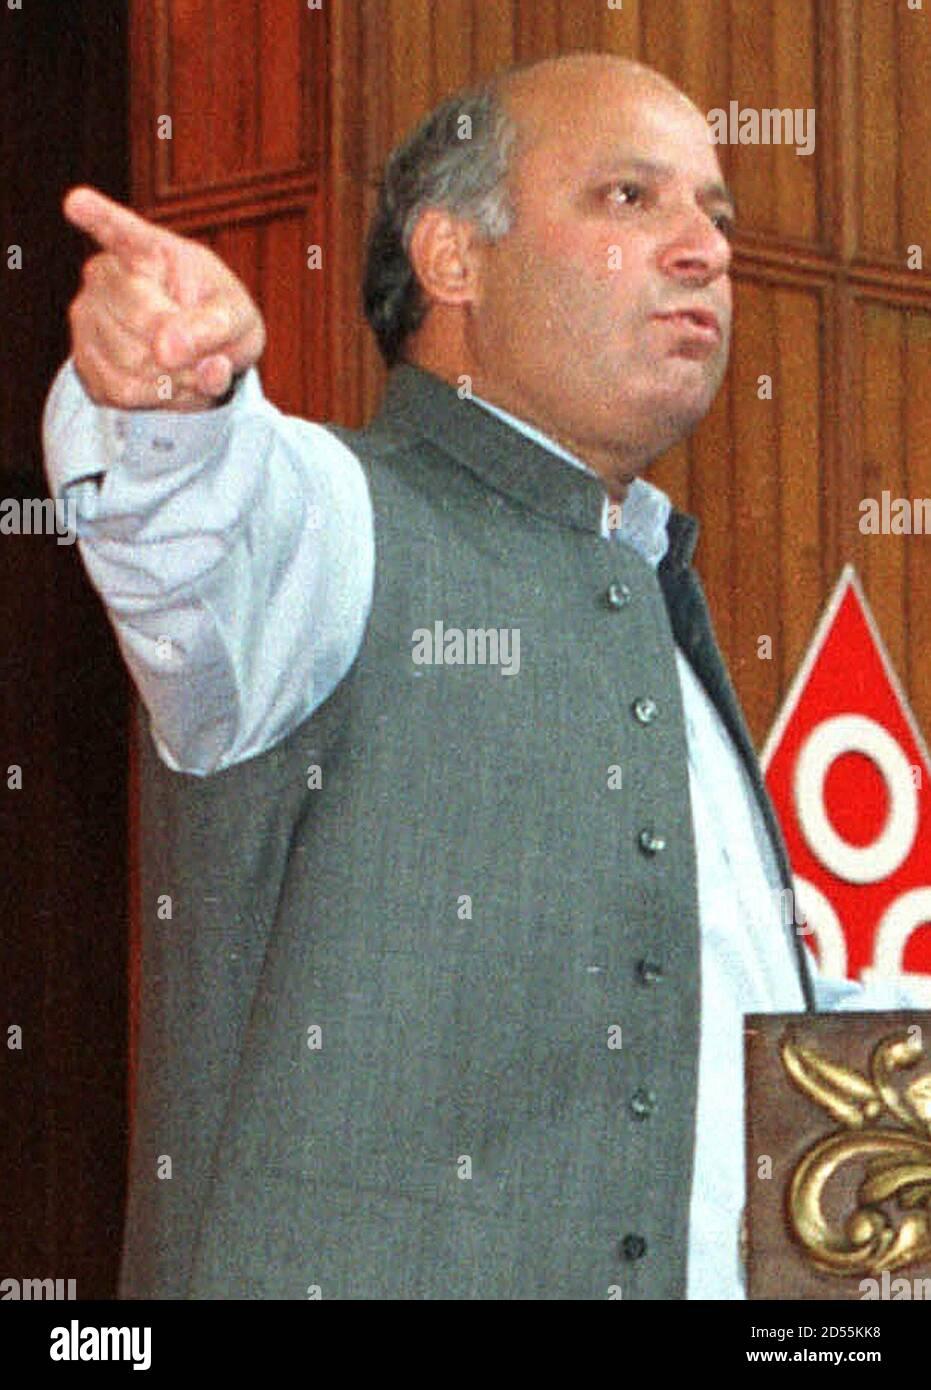 El primer Ministro Nawaz Sharif habla en la sesión inaugural de la segunda Convención sobre los pakistaníes en el extranjero, celebrada en Islamabad en agosto de 25. Sharif dijo el miércoles que estaba dispuesto a conceder permiso a una propuesta para permitir que los pakistaníes que viven en el extranjero aunen sus recursos y lancen una línea aérea y un banco, siempre que la idea fuera factible. MP/DL/KM Foto de stock